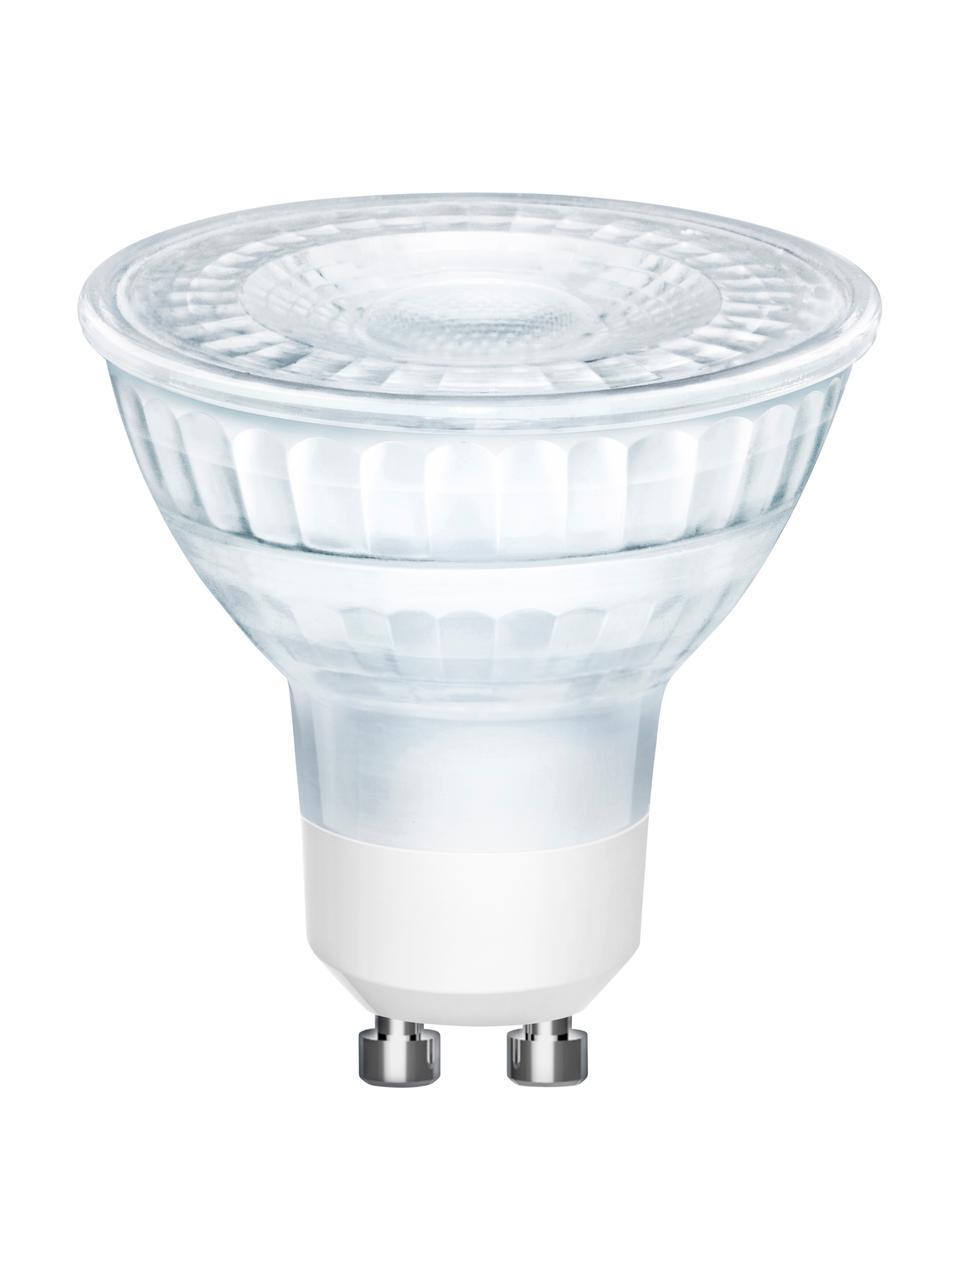 Żarówka z funkcją przyciemniania GU10/345 lm, ciepła biel, 1 szt., Transparentny, Ø 5 x W 6 cm